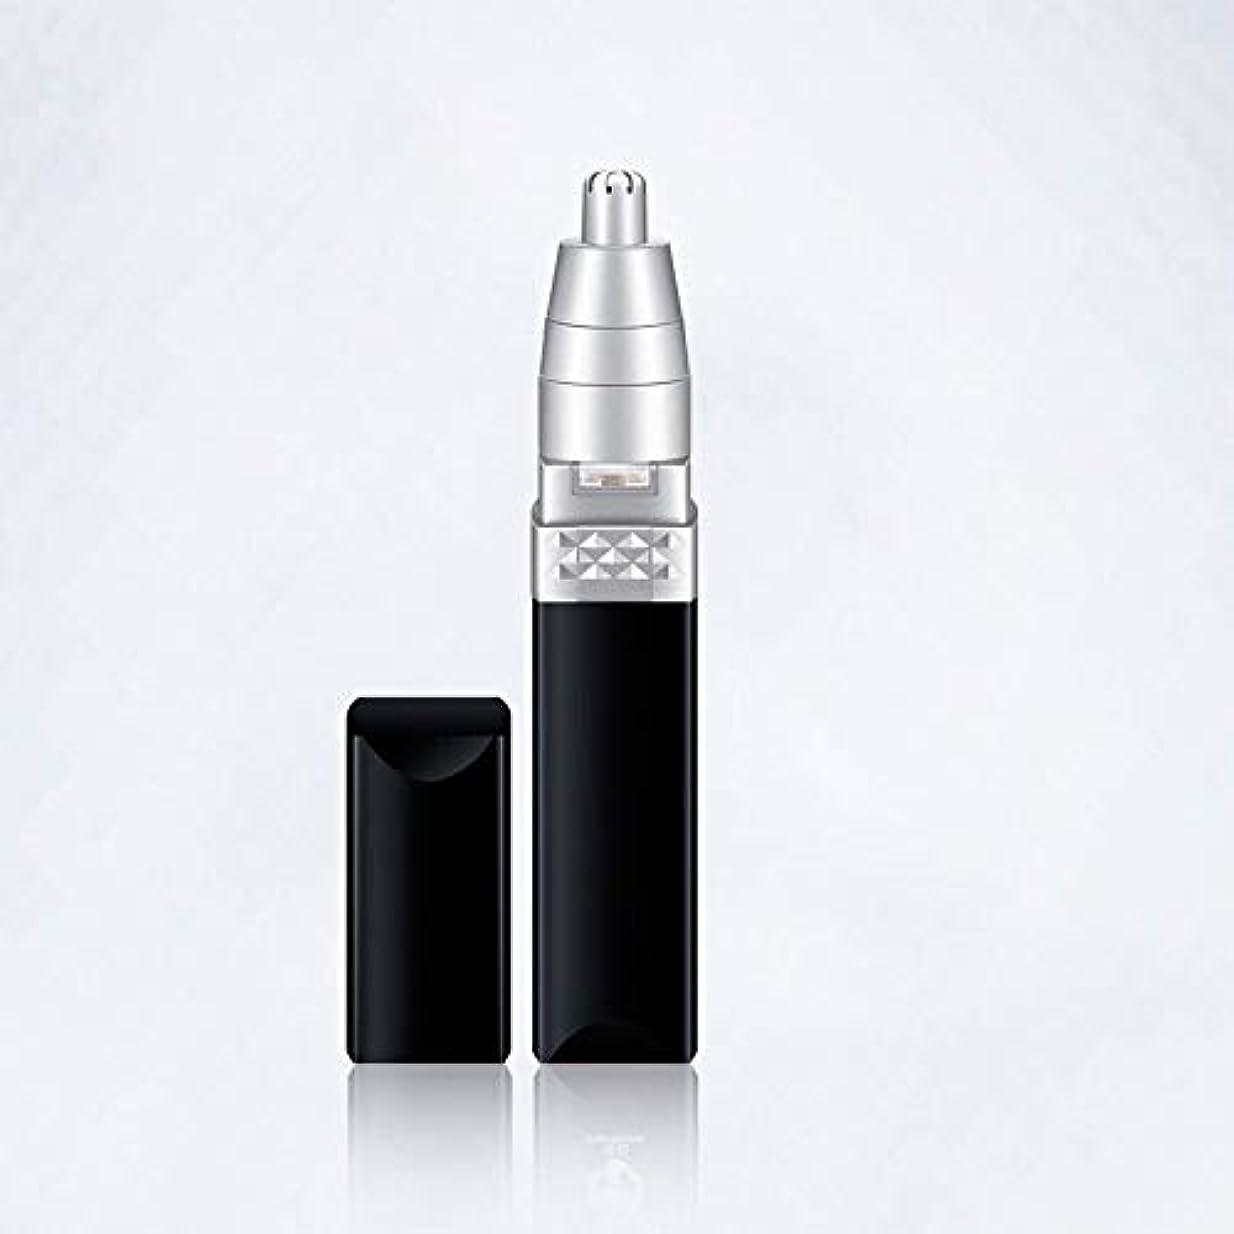 コントロール充電想起ノーズヘアトリマー-電気トリムヘッドは持ち運びが簡単で、/皮膚を傷つけません/赤外線デザインコンパクトで軽量な隠しスイッチ/持ち運びが簡単な取り外し可能なボディ/ 24 * 26 * 107CM お手入れが簡単